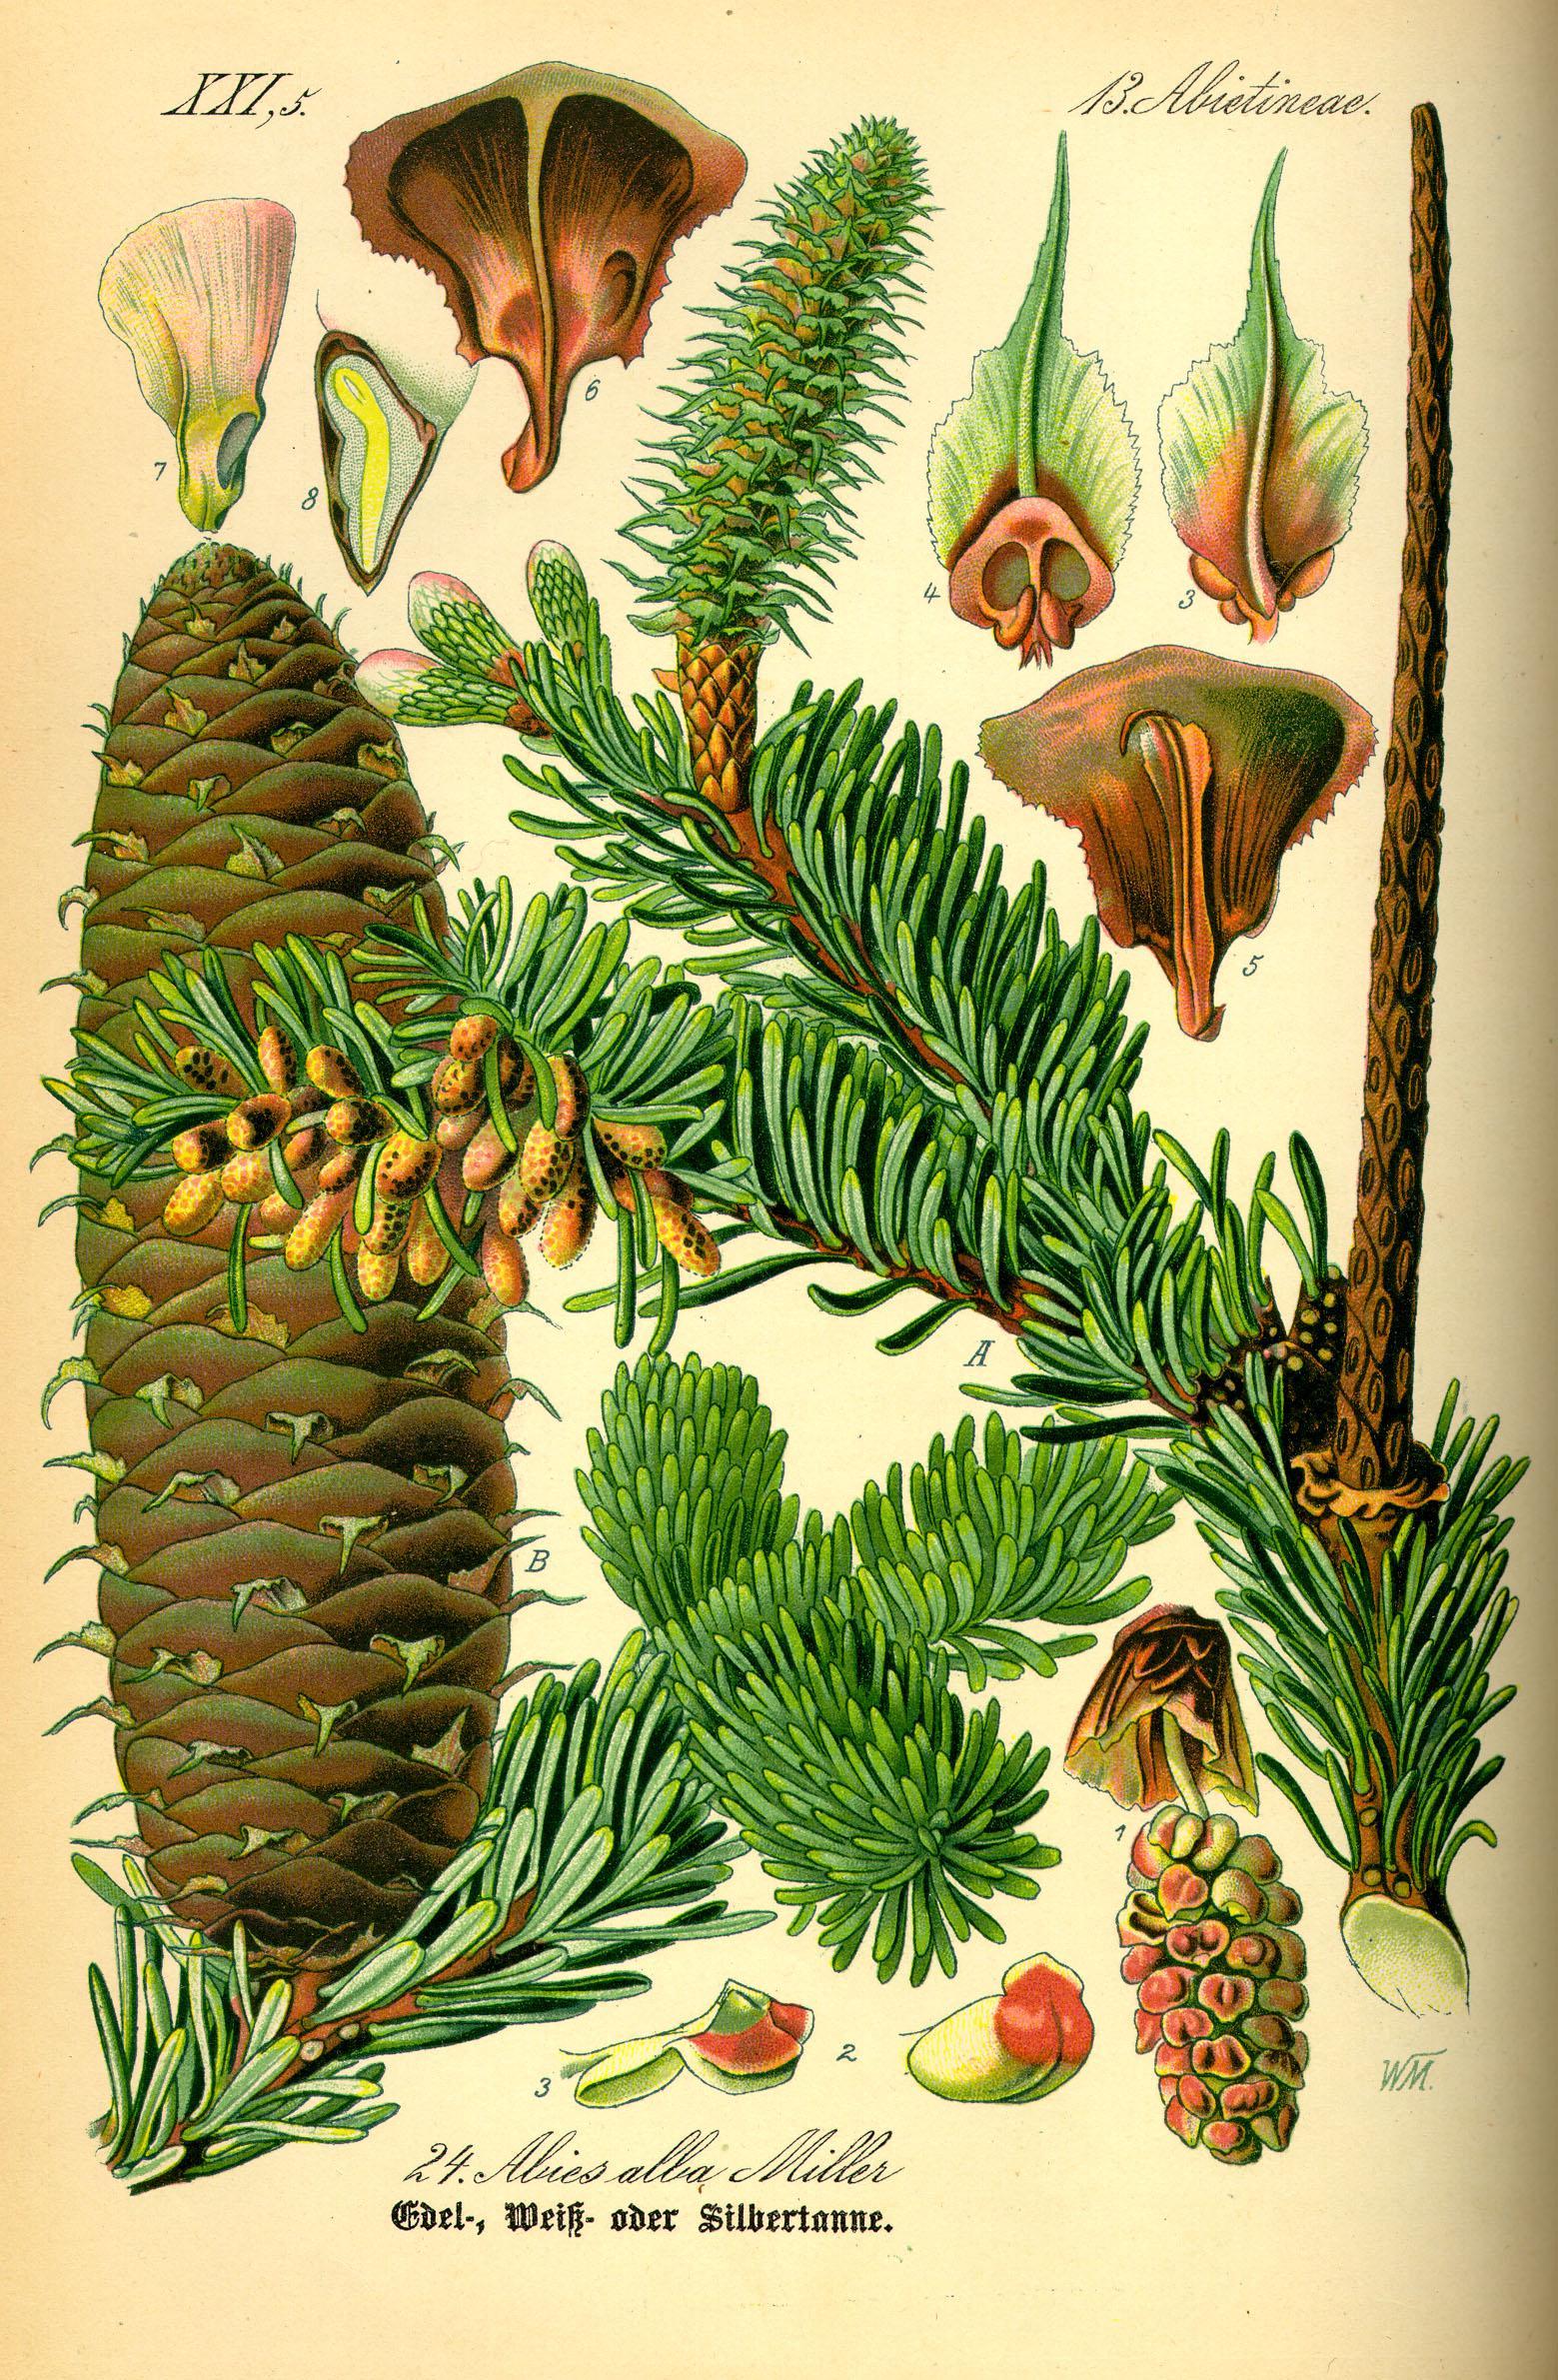 planche-botanique-du-sapin-536bbde7.jpg